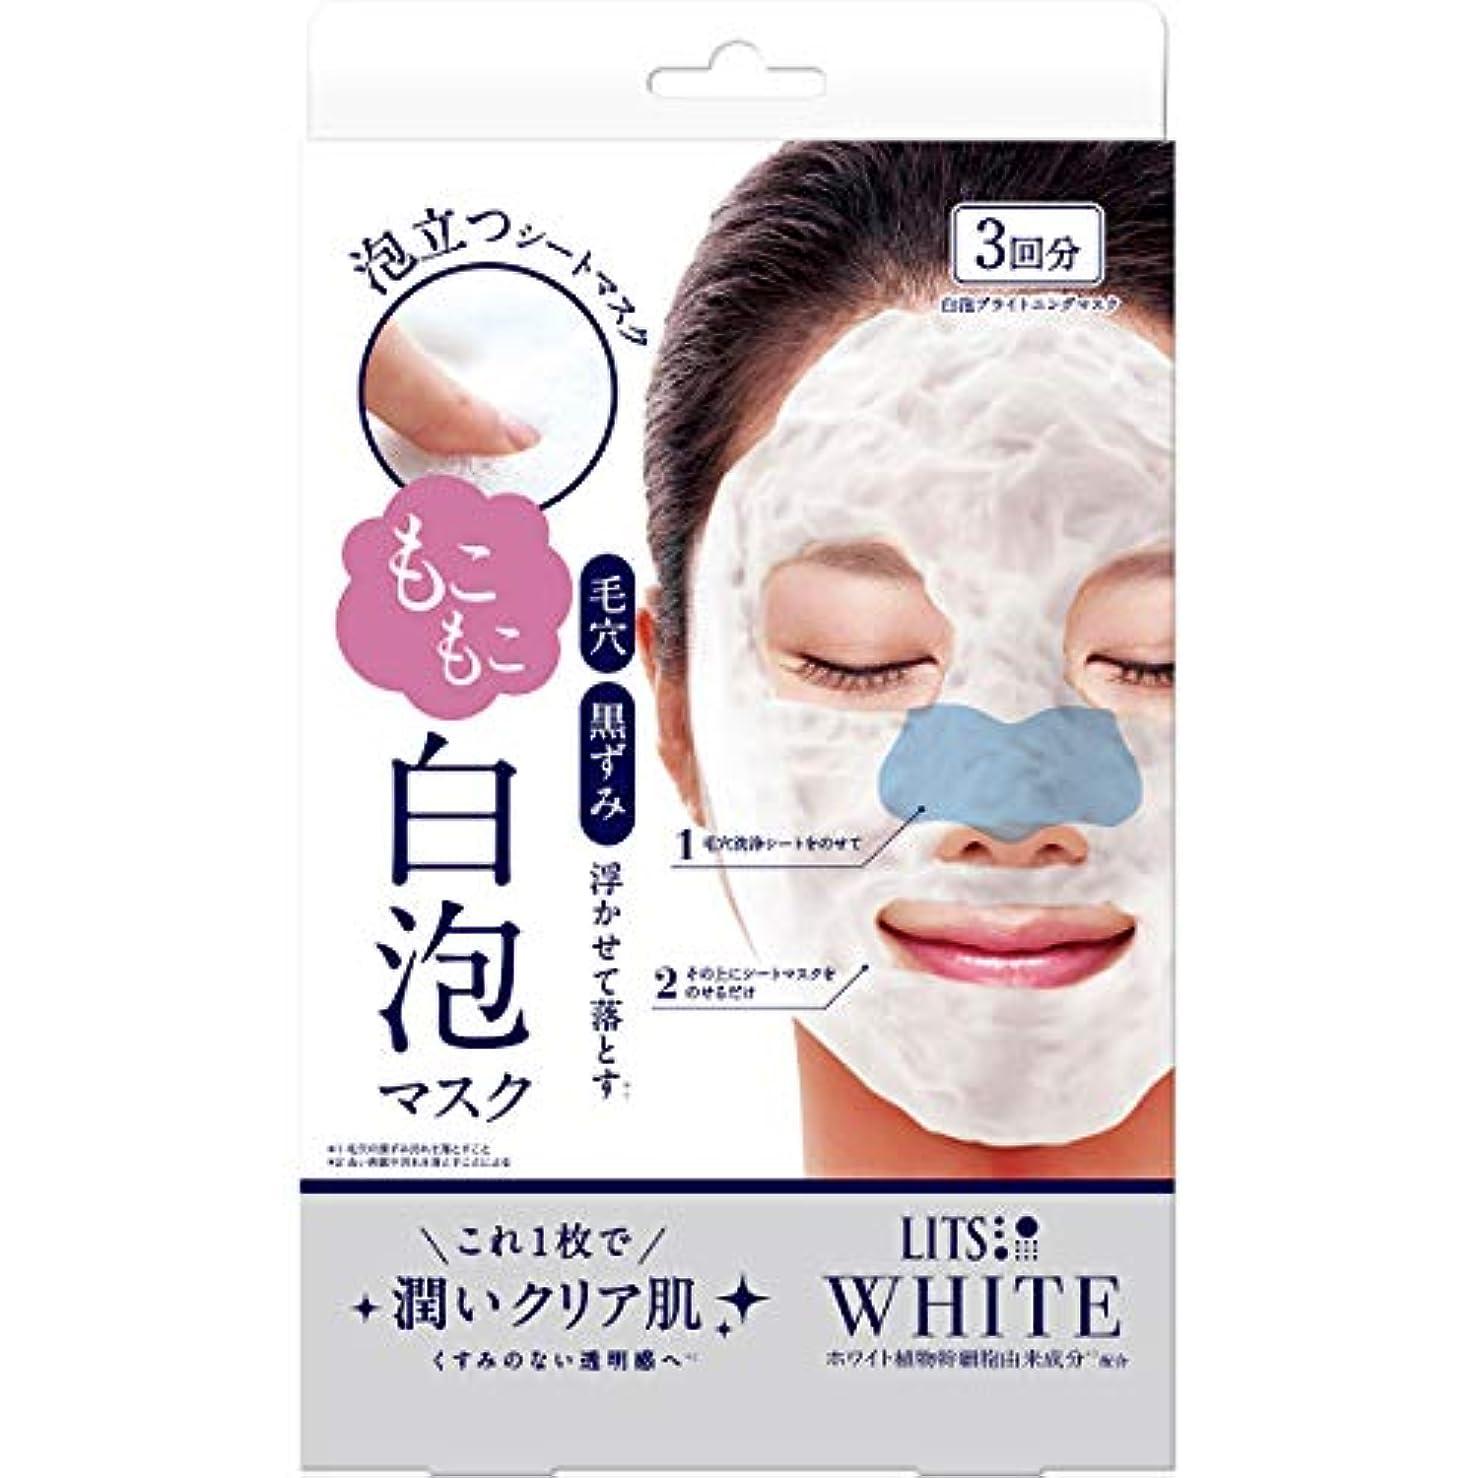 余分な小川バンガローリッツ ホワイト もこもこ白泡マスク 3枚